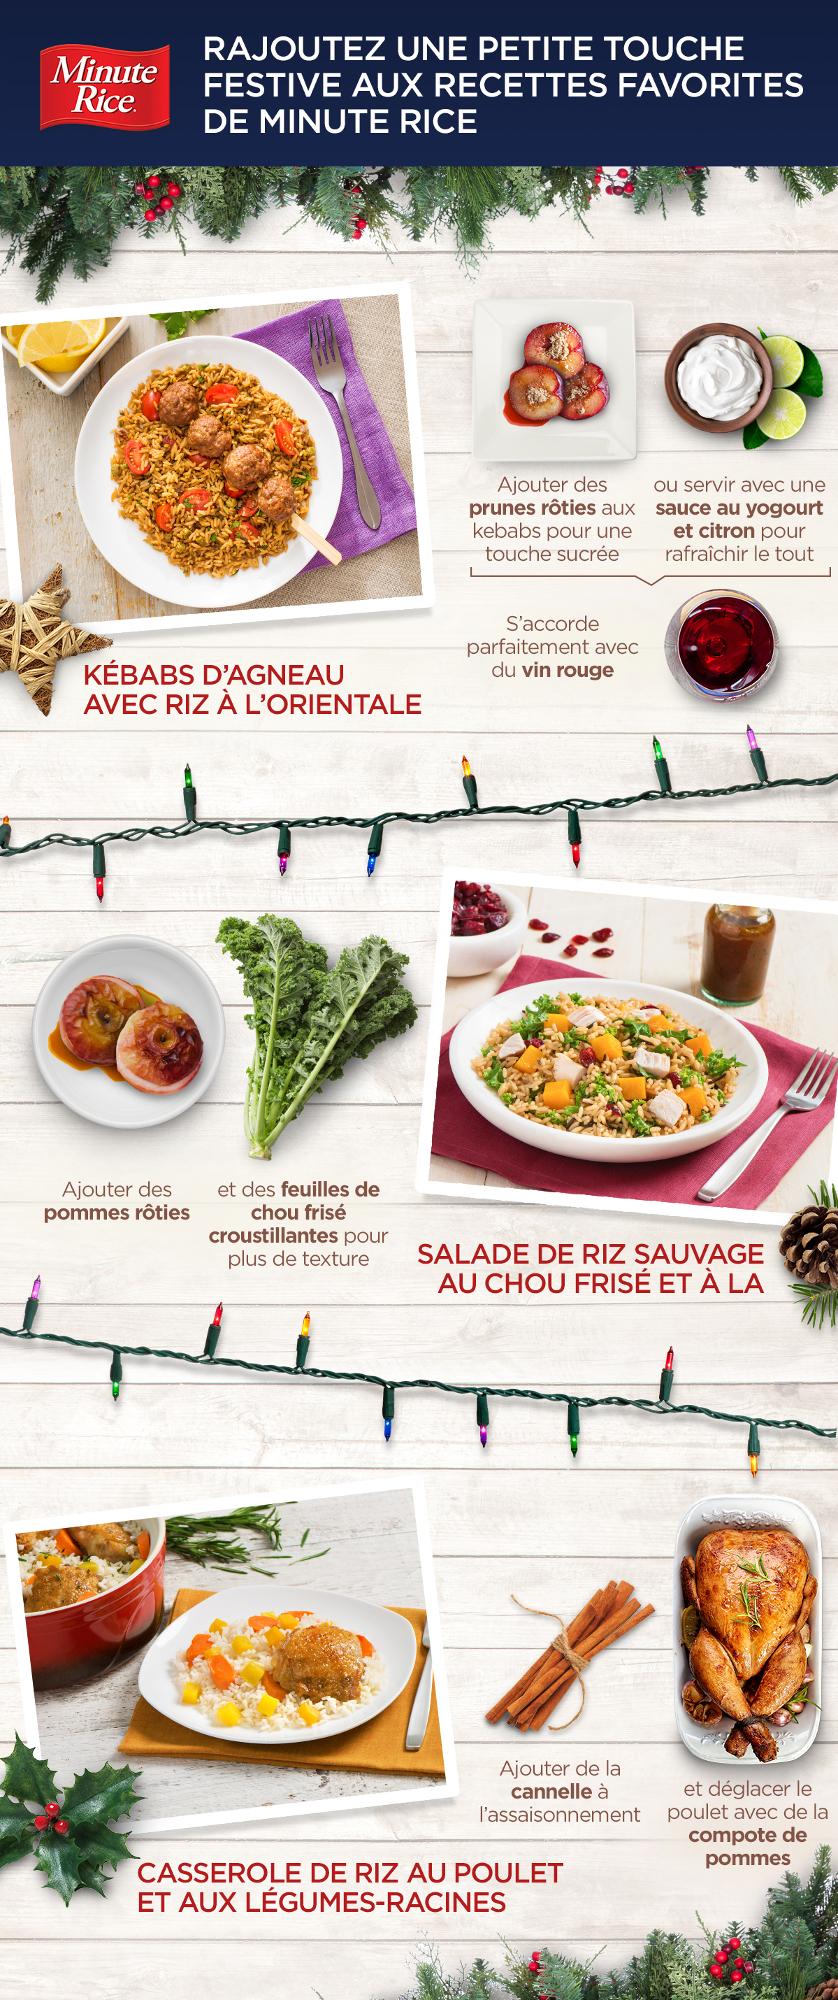 Rajoutez une petite touche festives aux recettes favorites de Minute Rice